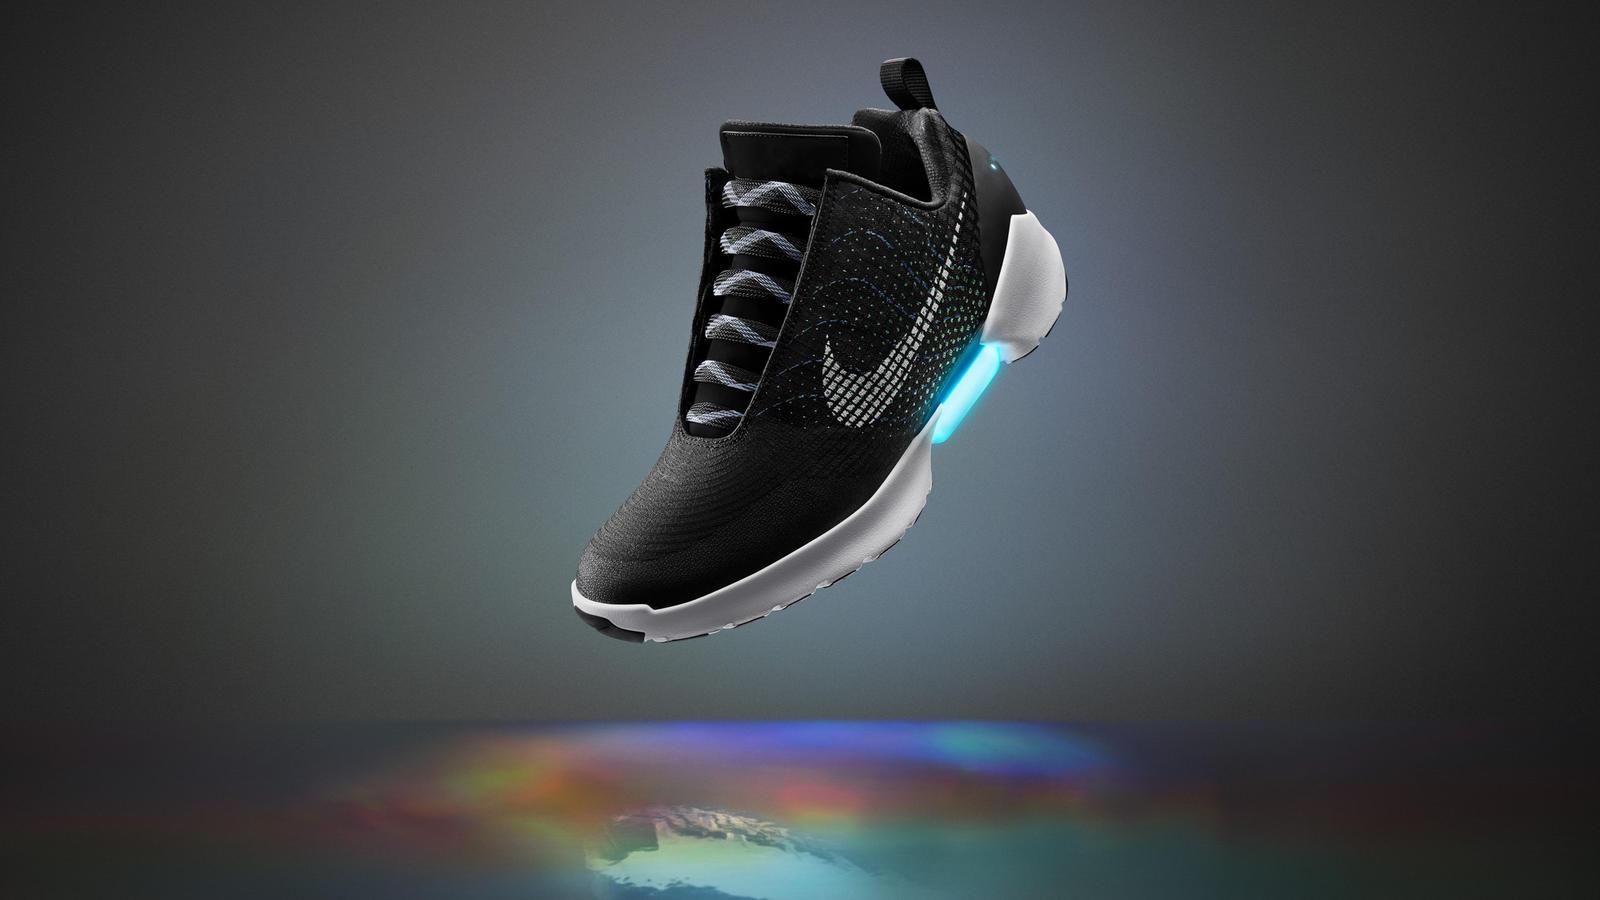 bfde98315a Nike começar a vender tênis que se amarra sozinho no Brasil - TecMundo